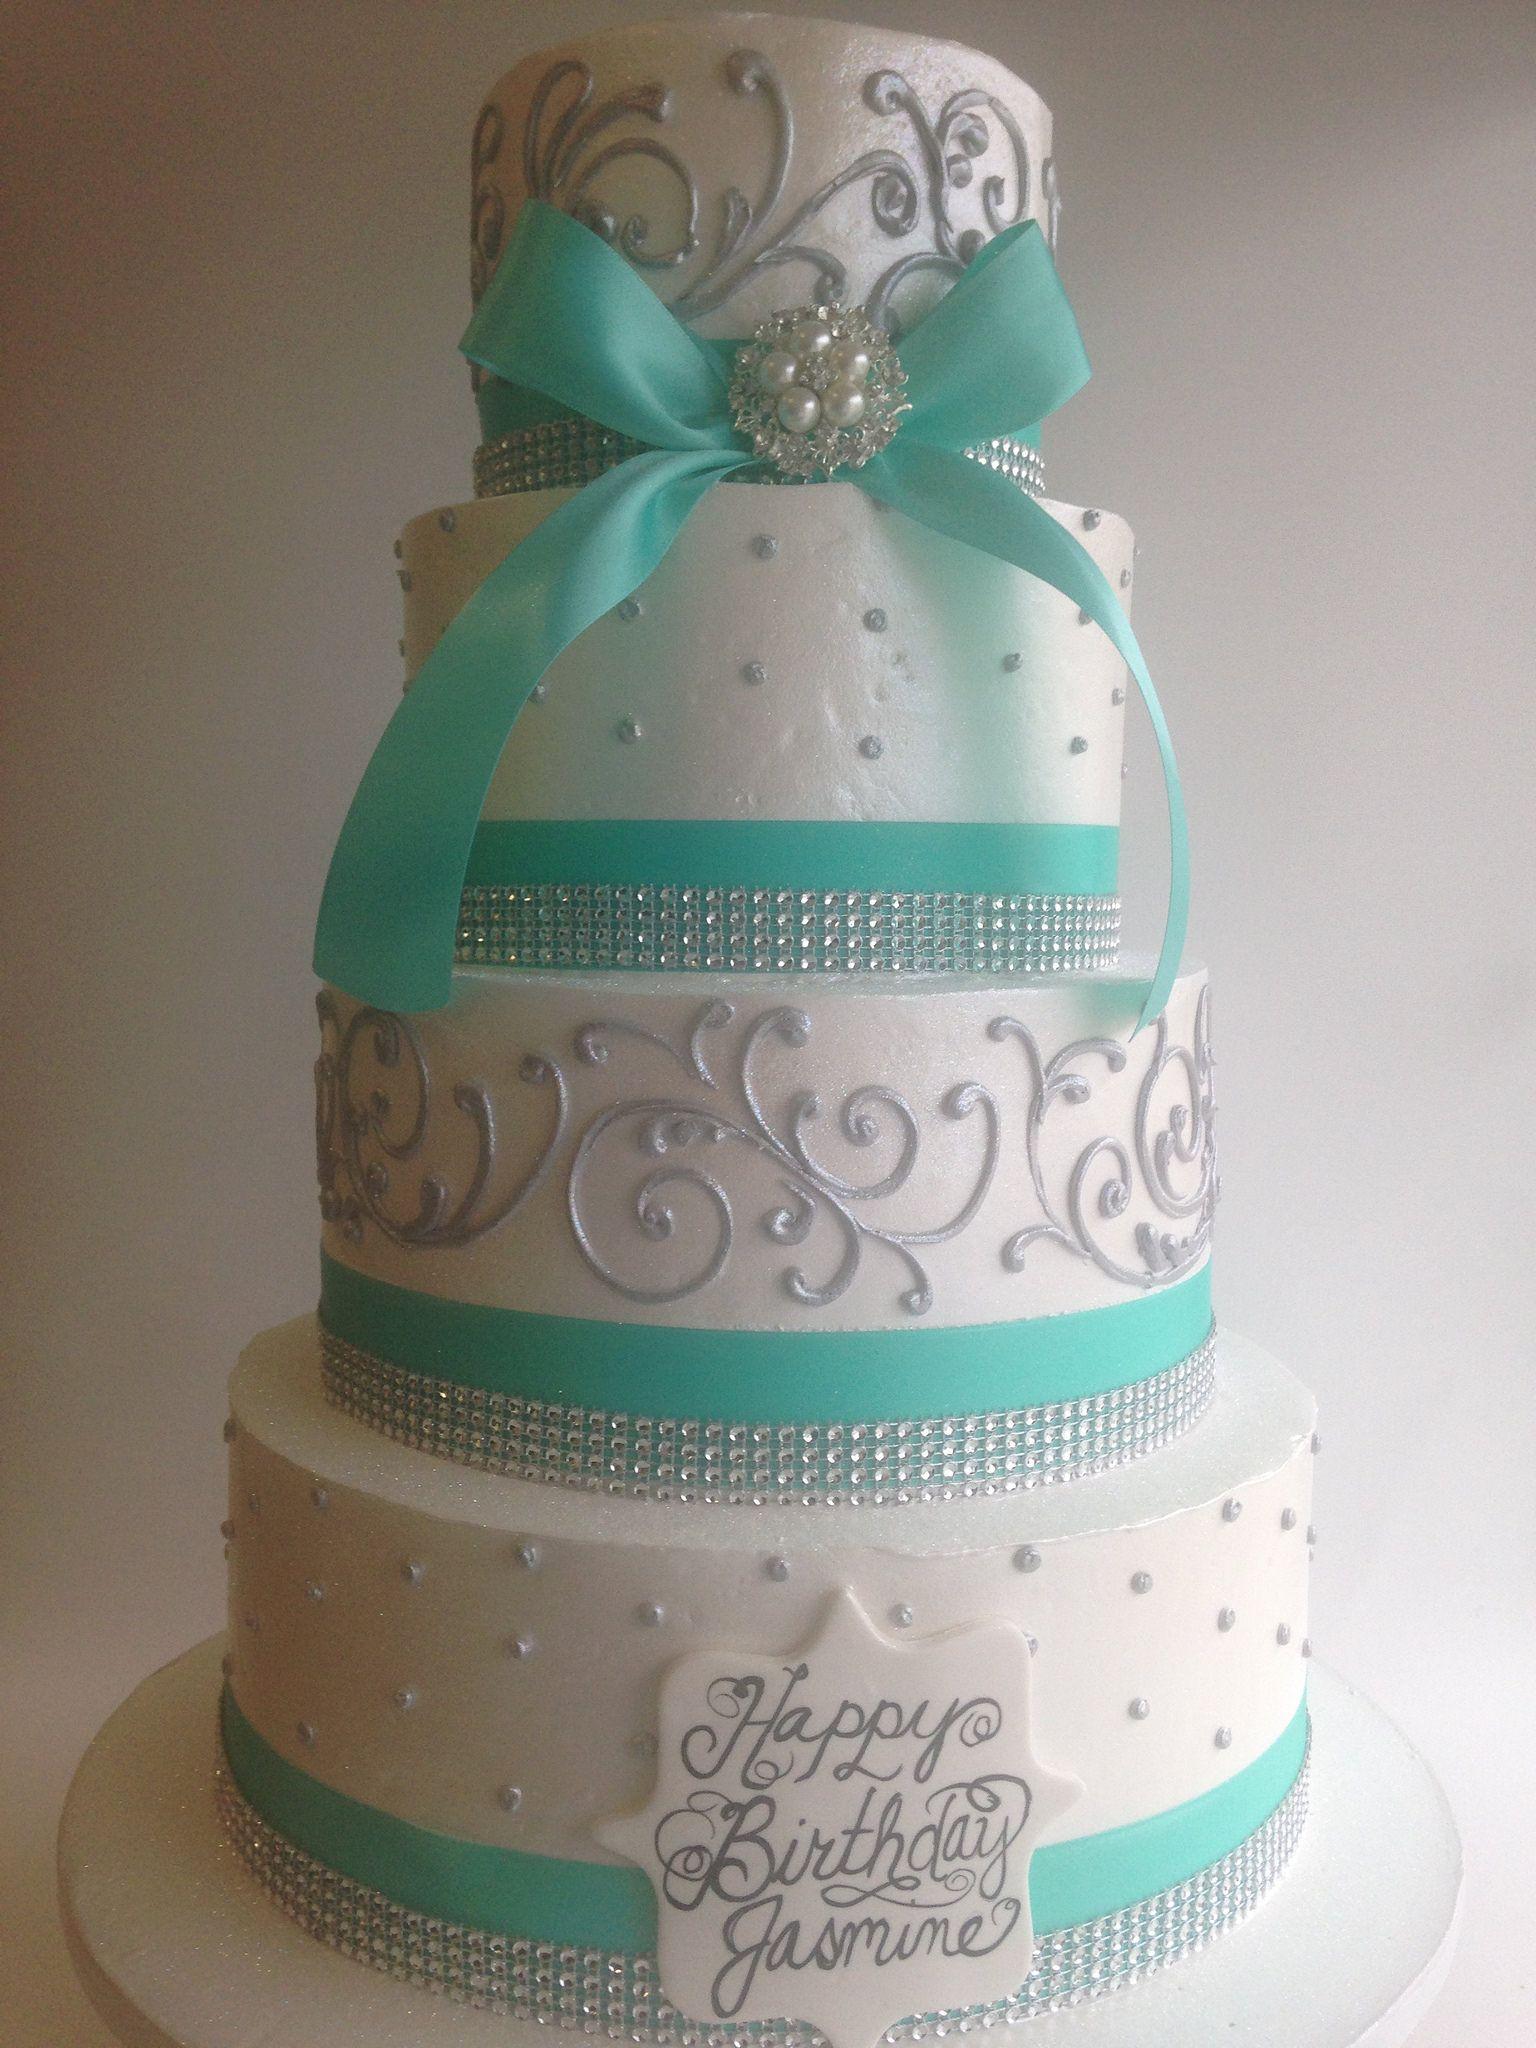 Birthday Cake Images Elegant : Elegant birthday cake (3632) Elegant birthday cakes ...